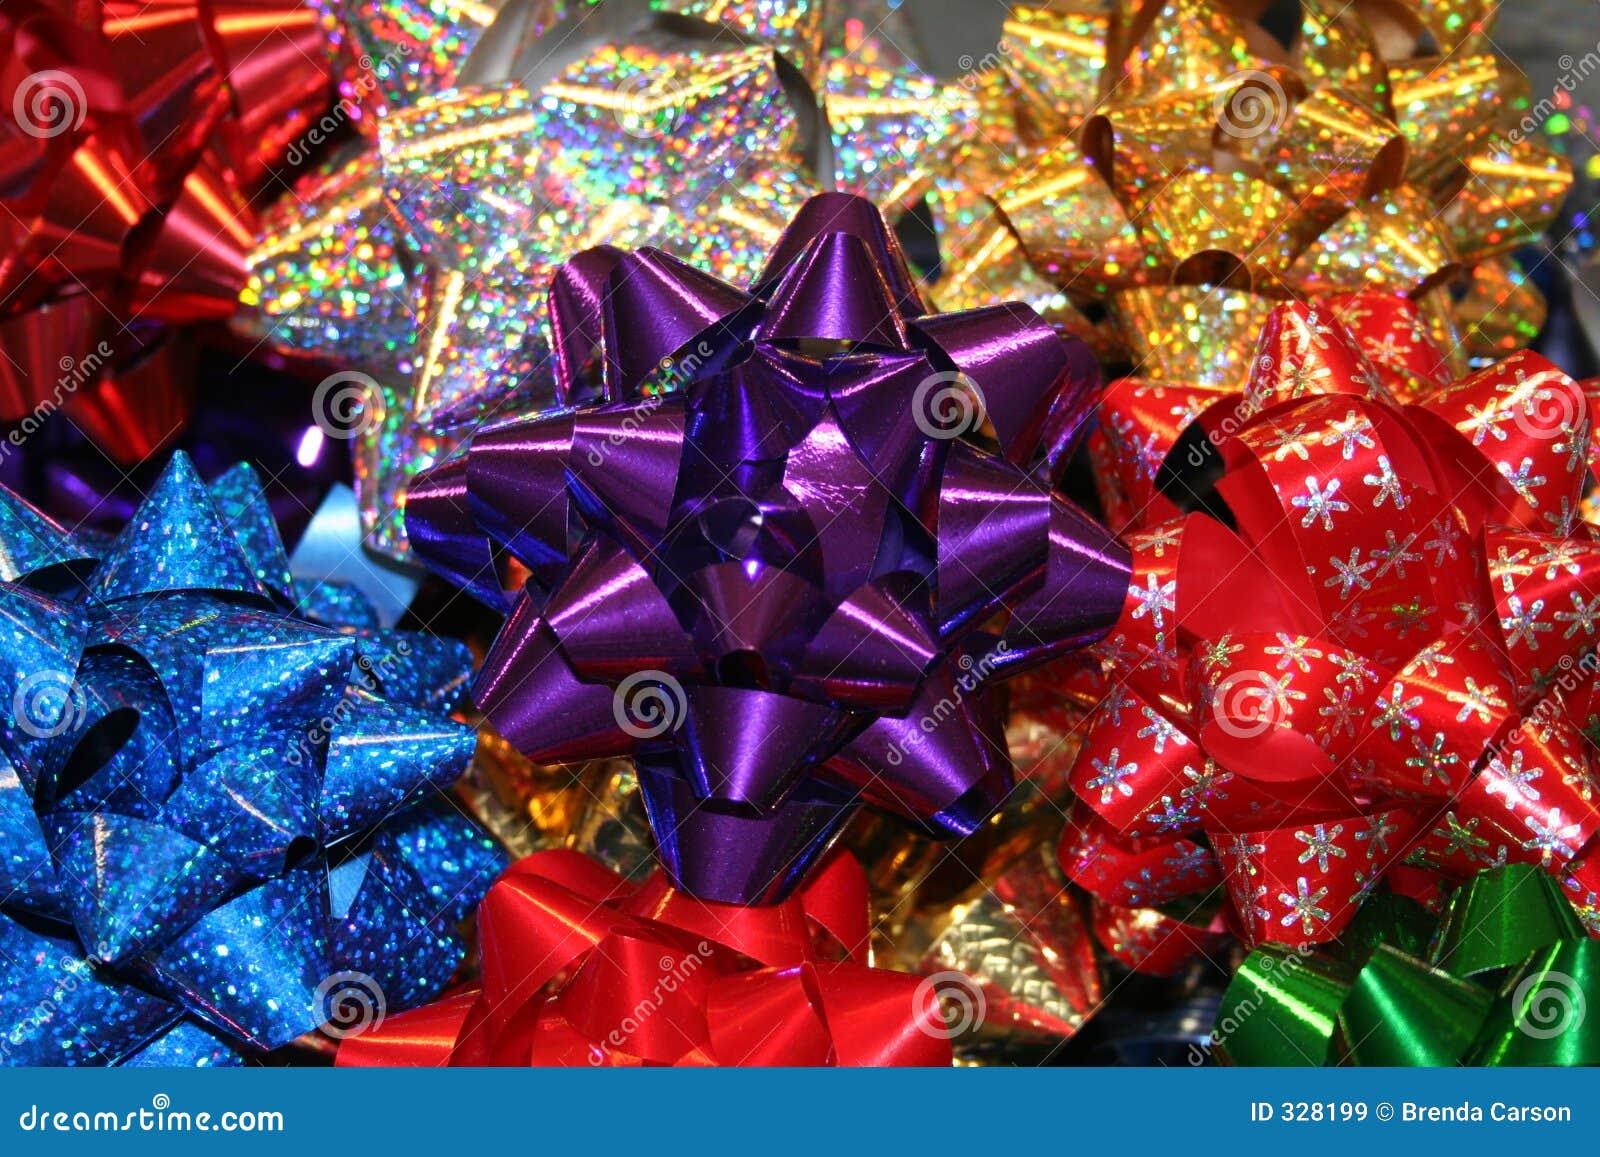 Weihnachtsbögen stockbild. Bild von dekoration, bunt, verschönerung ...